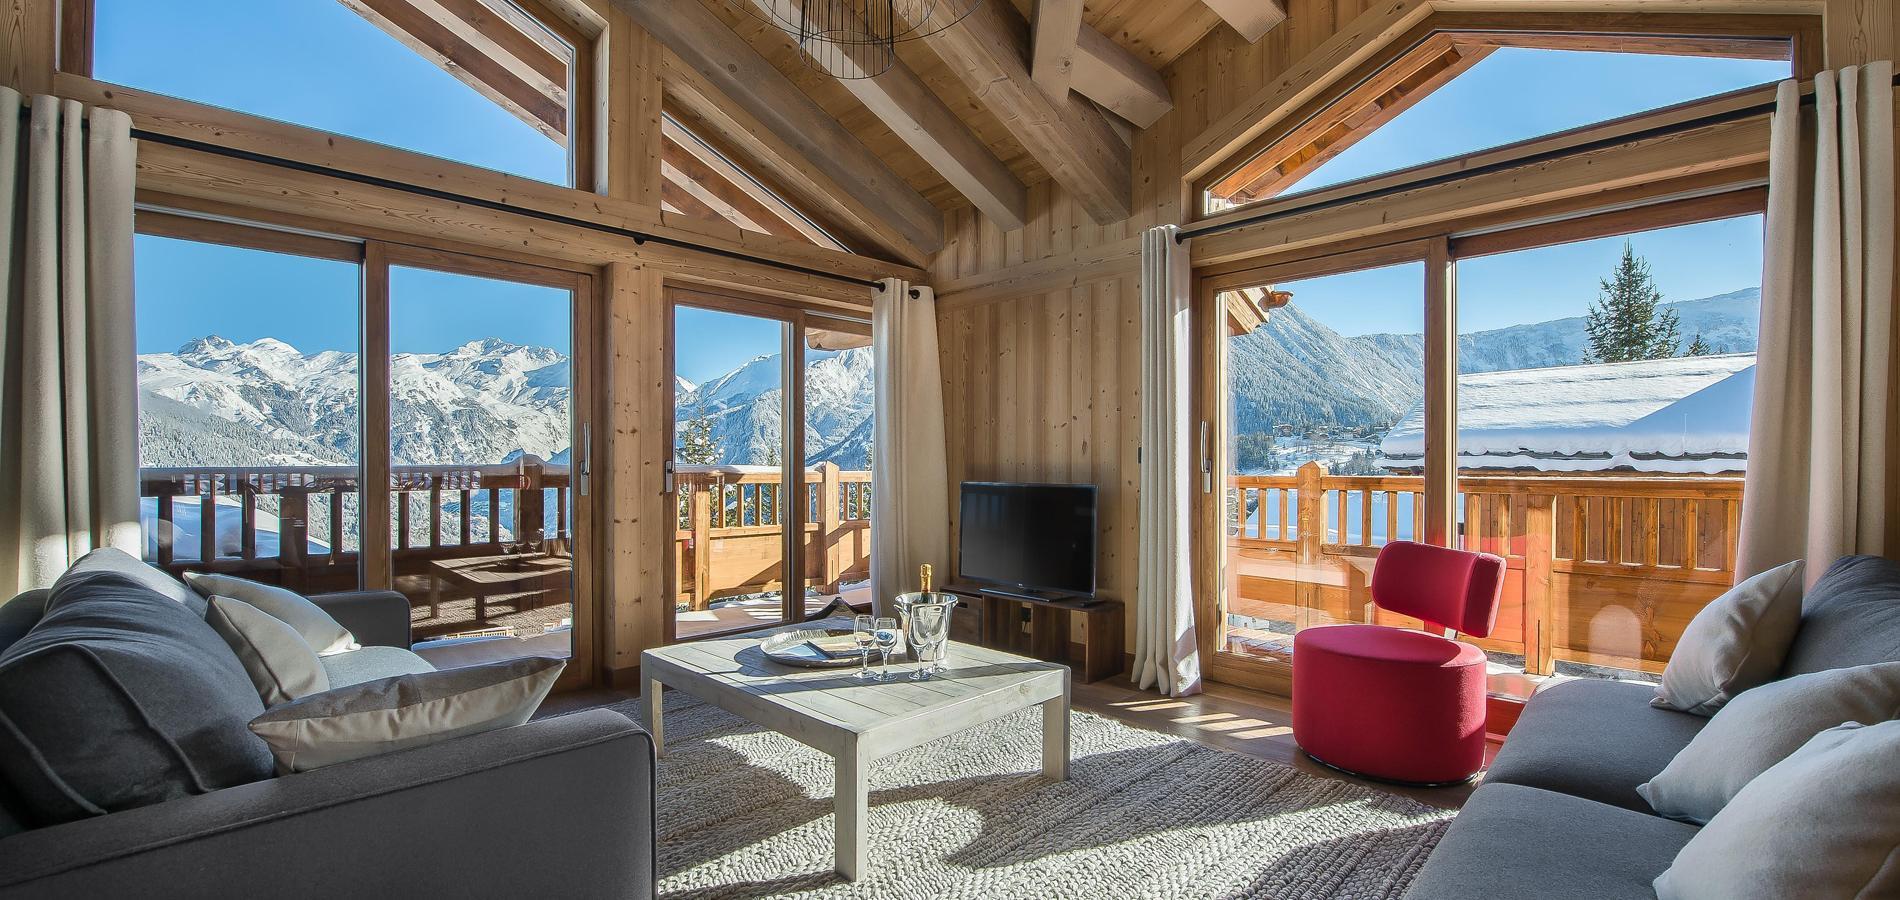 vacances au ski nos locations de chalets de derni re minute. Black Bedroom Furniture Sets. Home Design Ideas